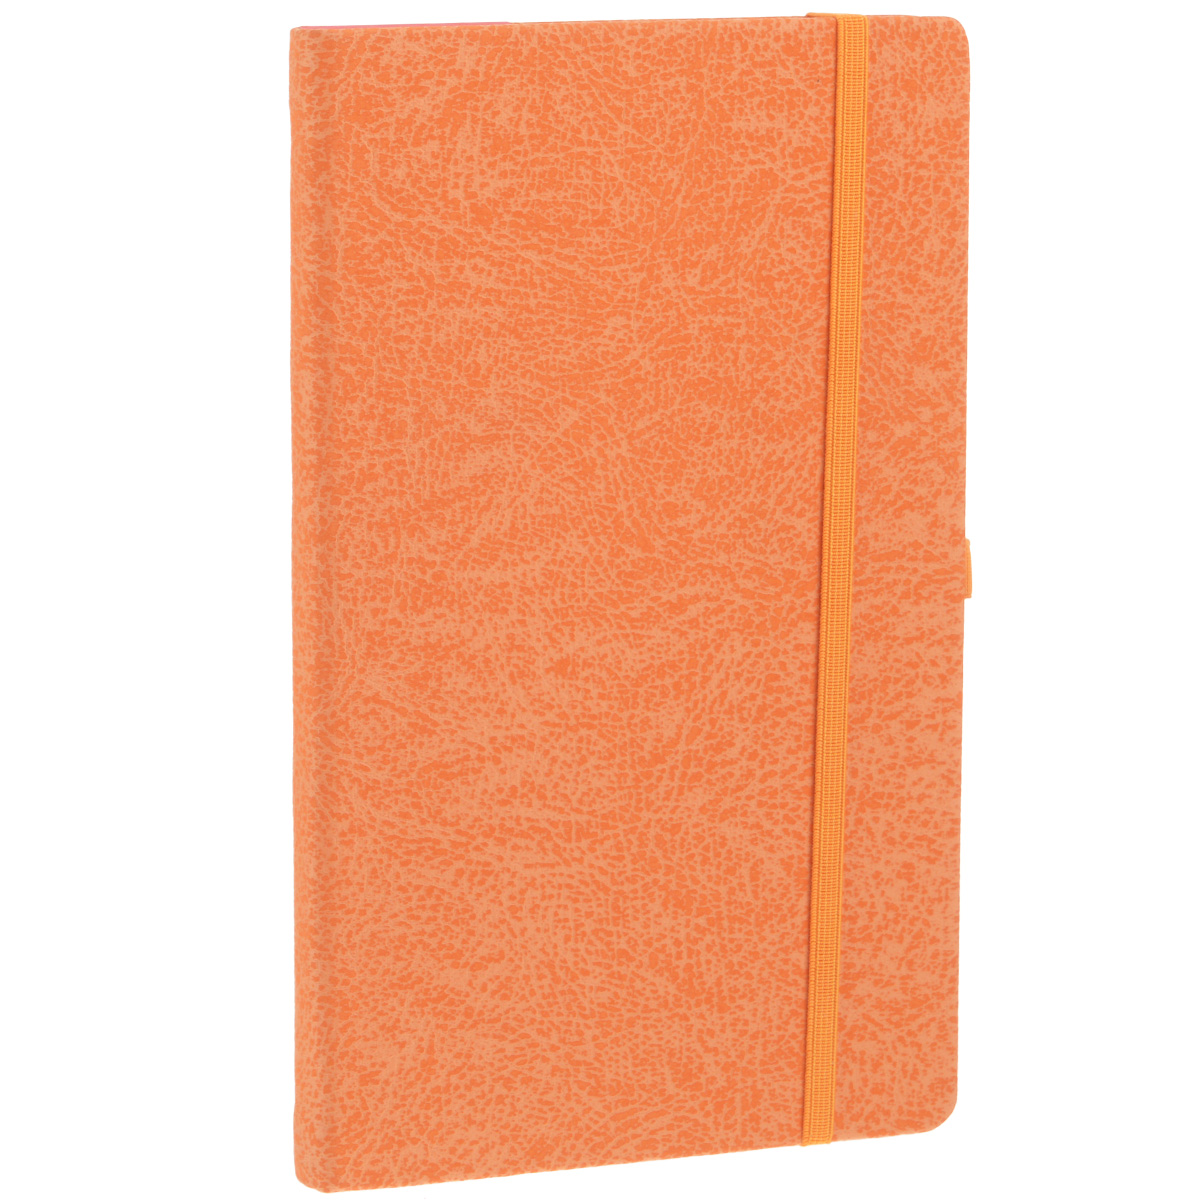 Записная книжка Erich Krause Perfect, цвет: оранжевый, 96 листов72523WDЗаписная книжка Erich Krause Perfect - это дополнительный штрих к вашему имиджу. Демократичная в своем содержании, книжка может быть использована не только для личных пометок и записей, но и как недатированный ежедневник. Надежная твердая обложка из плотного картона с тиснением под кожу сохранит ее в аккуратном состоянии на протяжении всего времени использования. Плотная в линейку бумага белого цвета, закладка-ляссе, практичные скругленные углы, эластичная петелька для ручки и внутренний бумажный карман на задней обложке - все это обеспечит вам истинное удовольствие от письма. В начале книжки имеется страничка для заполнения личных данных владельца, четыре страницы для заполнения адресов, телефонов и интернет-почты и четыре страницы для заполнения сайтов и ссылок. Благодаря небольшому формату книжку легко взять с собой. Записная книжка плотно закрывается при помощи фиксирующей резинки.